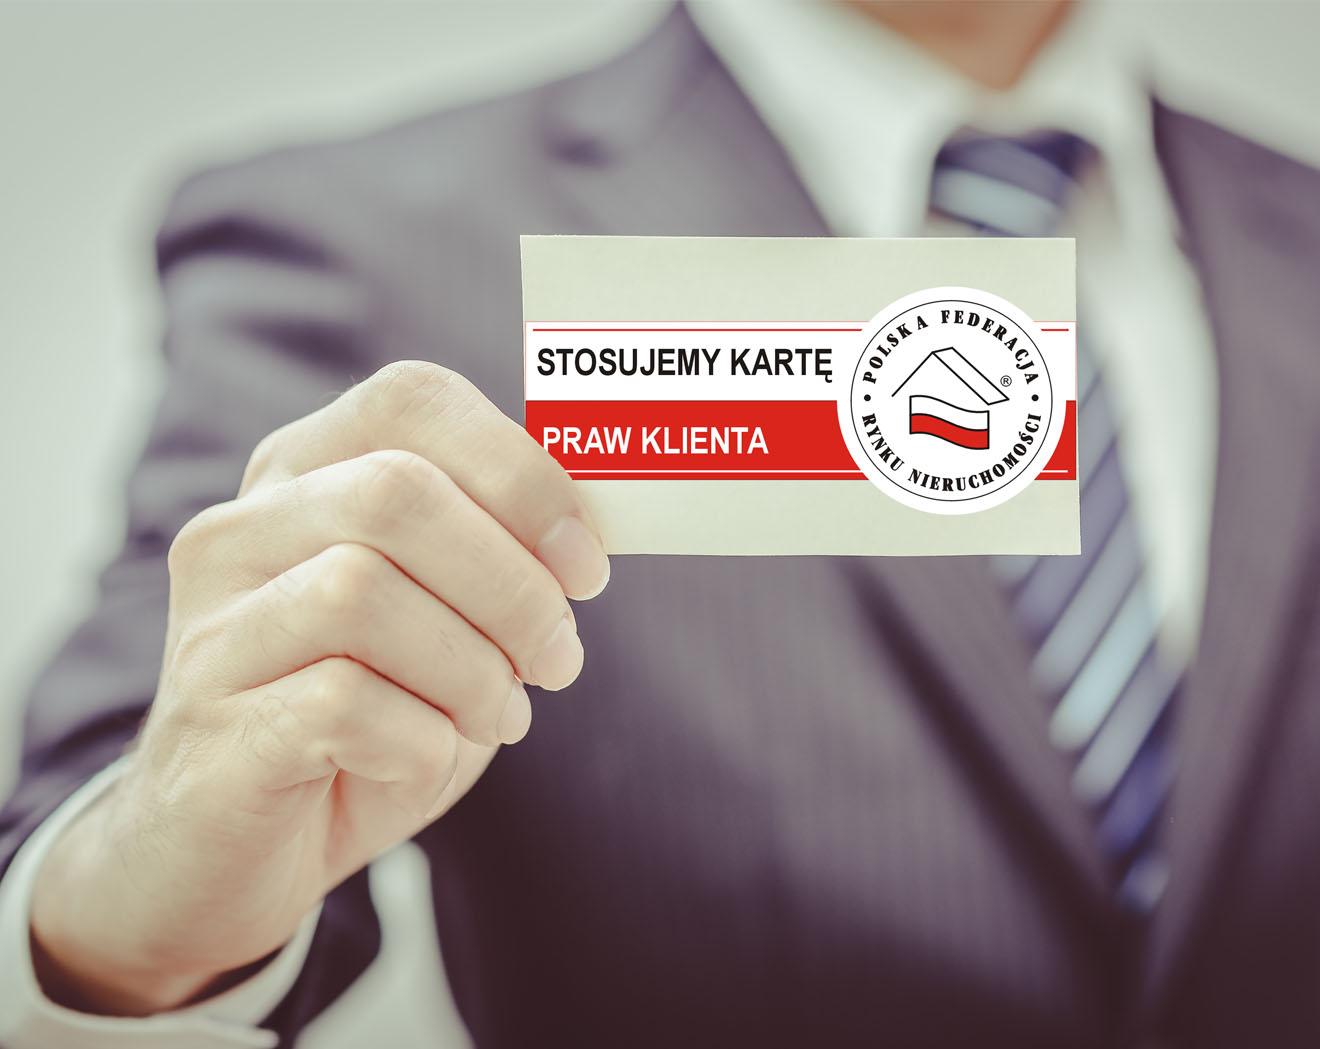 karta_praw_klienta